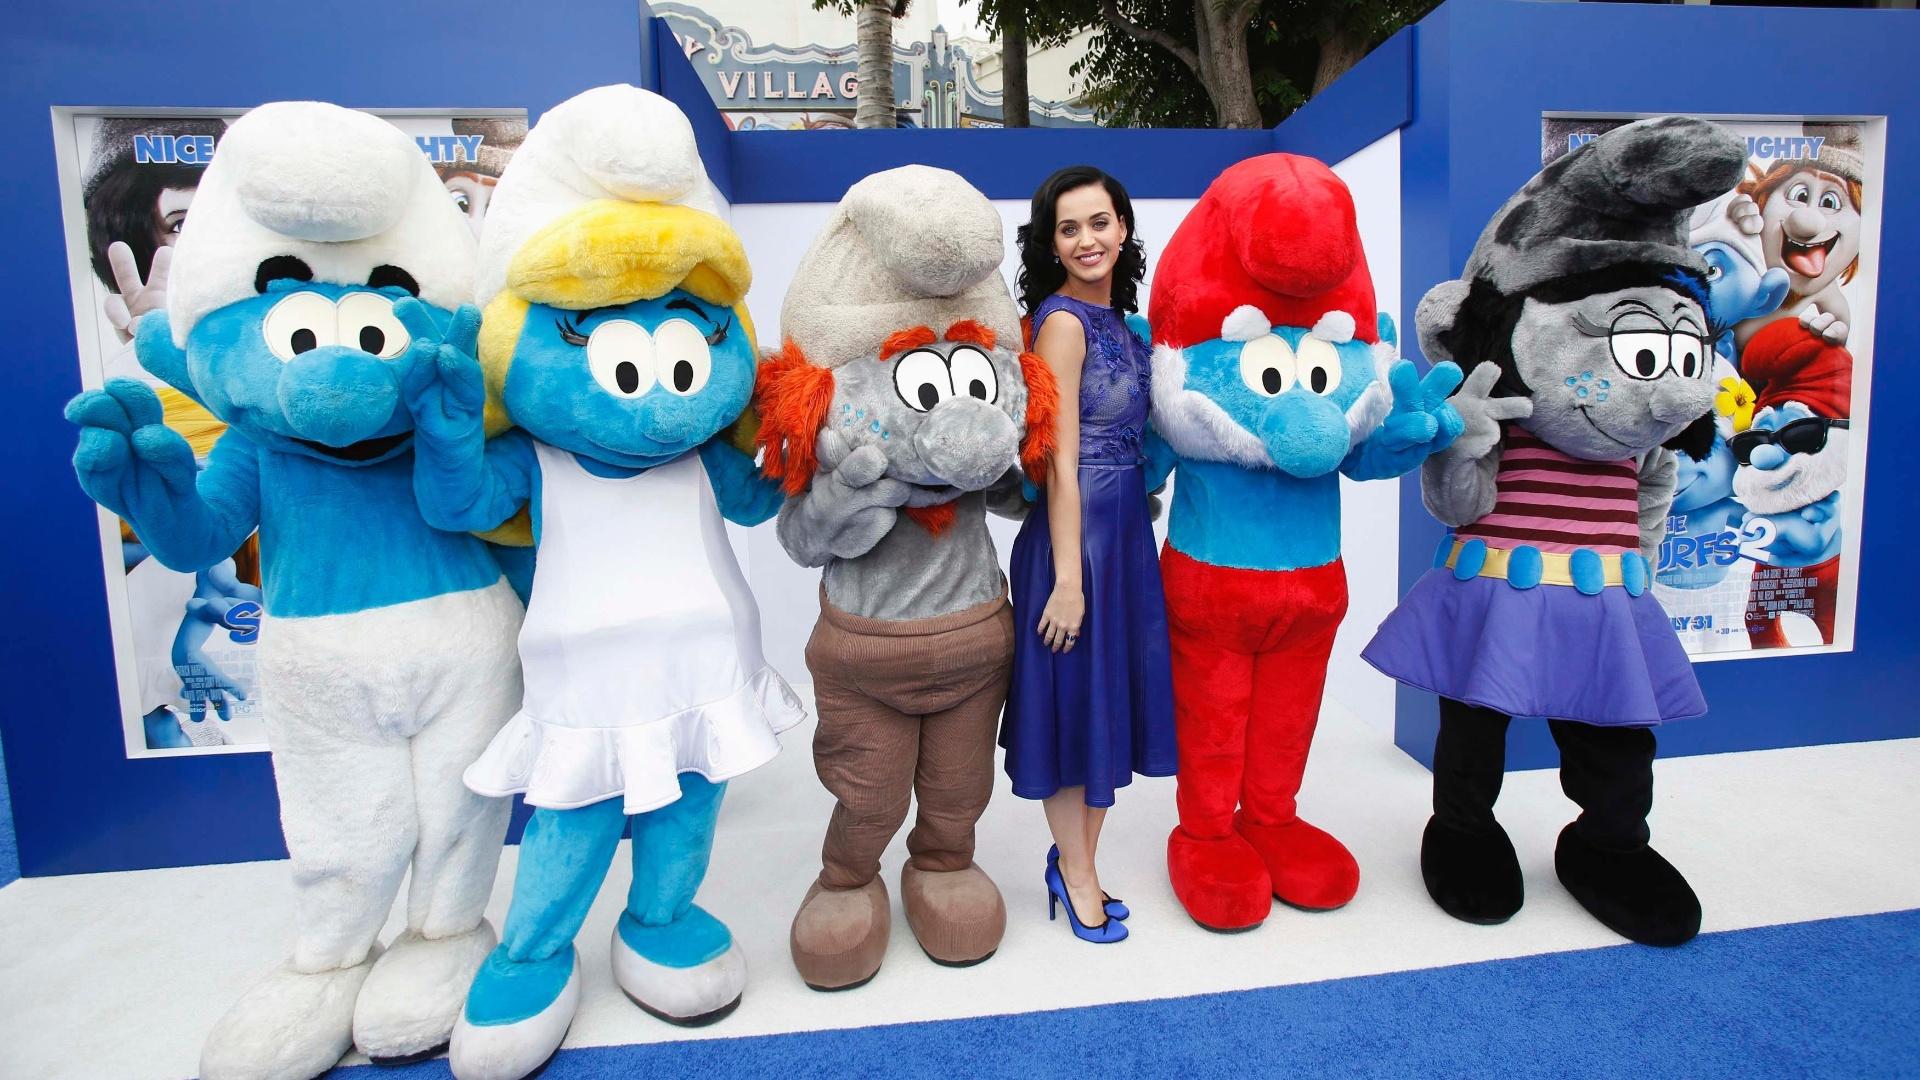 28.jul.2013 - Katy Perry, que dá voz a Smurfette, posa com outros personagens de